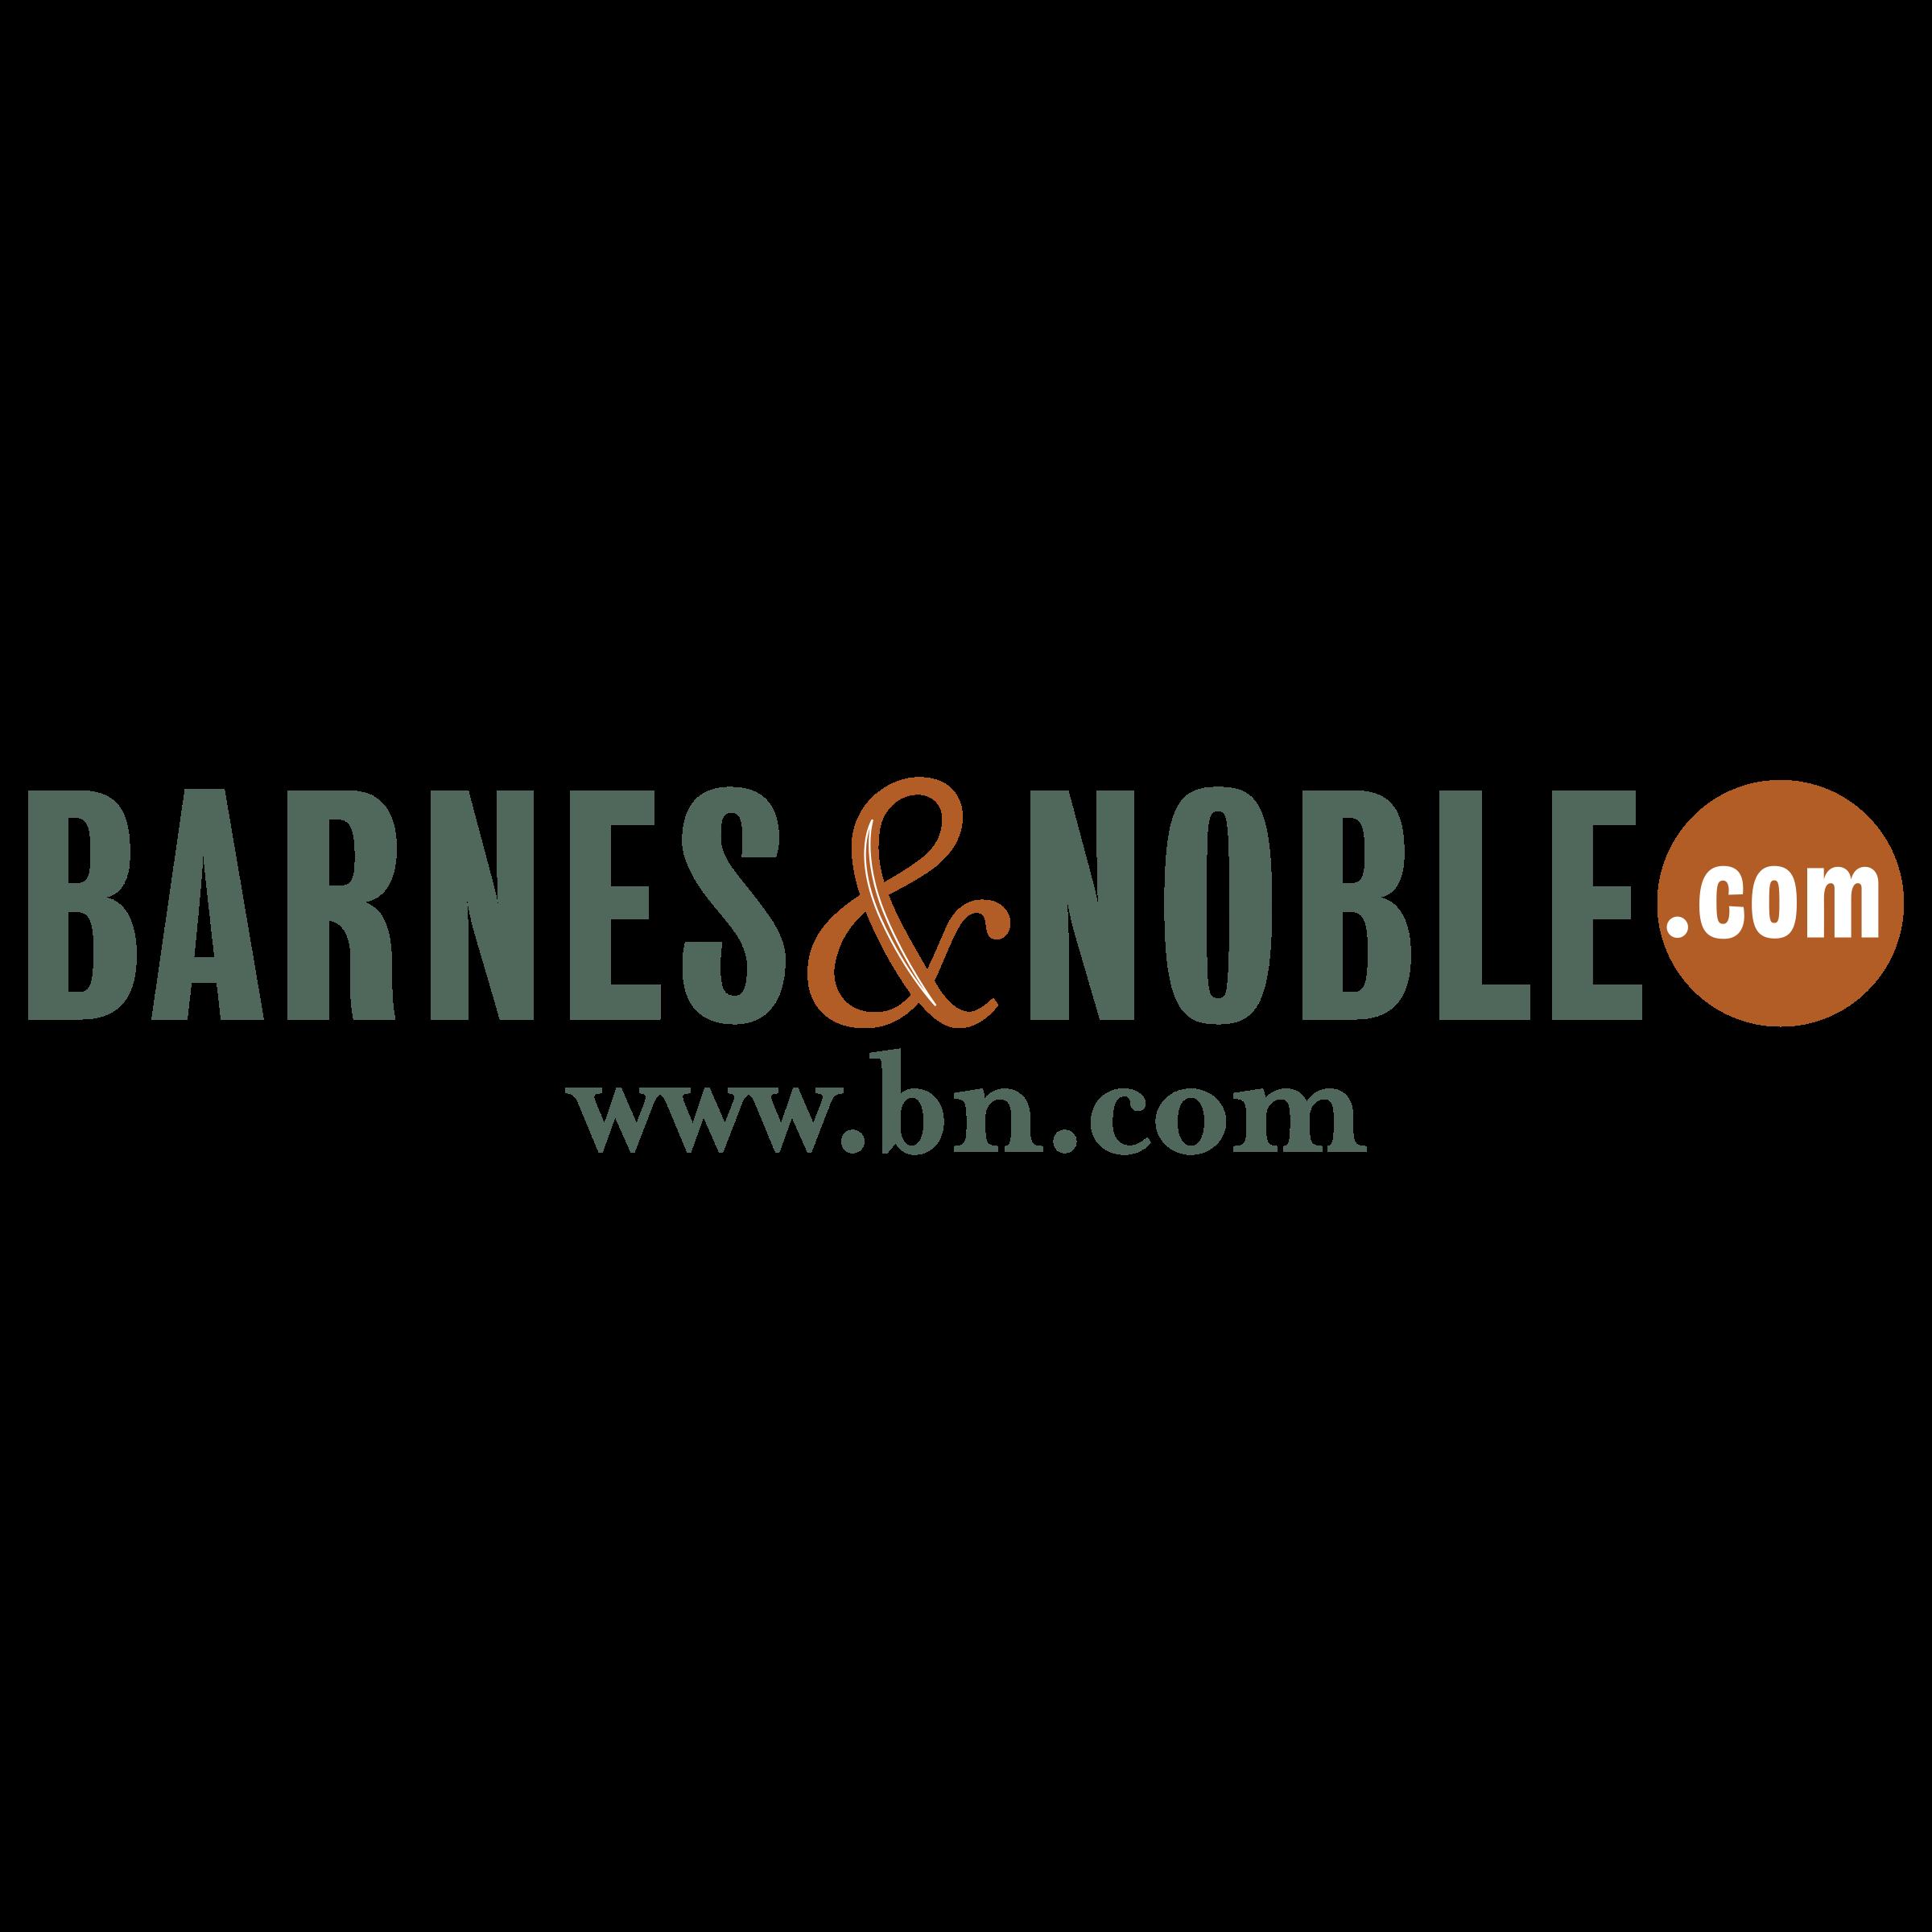 Barnes & Noble 02 Logo PNG Transparent & SVG Vector.